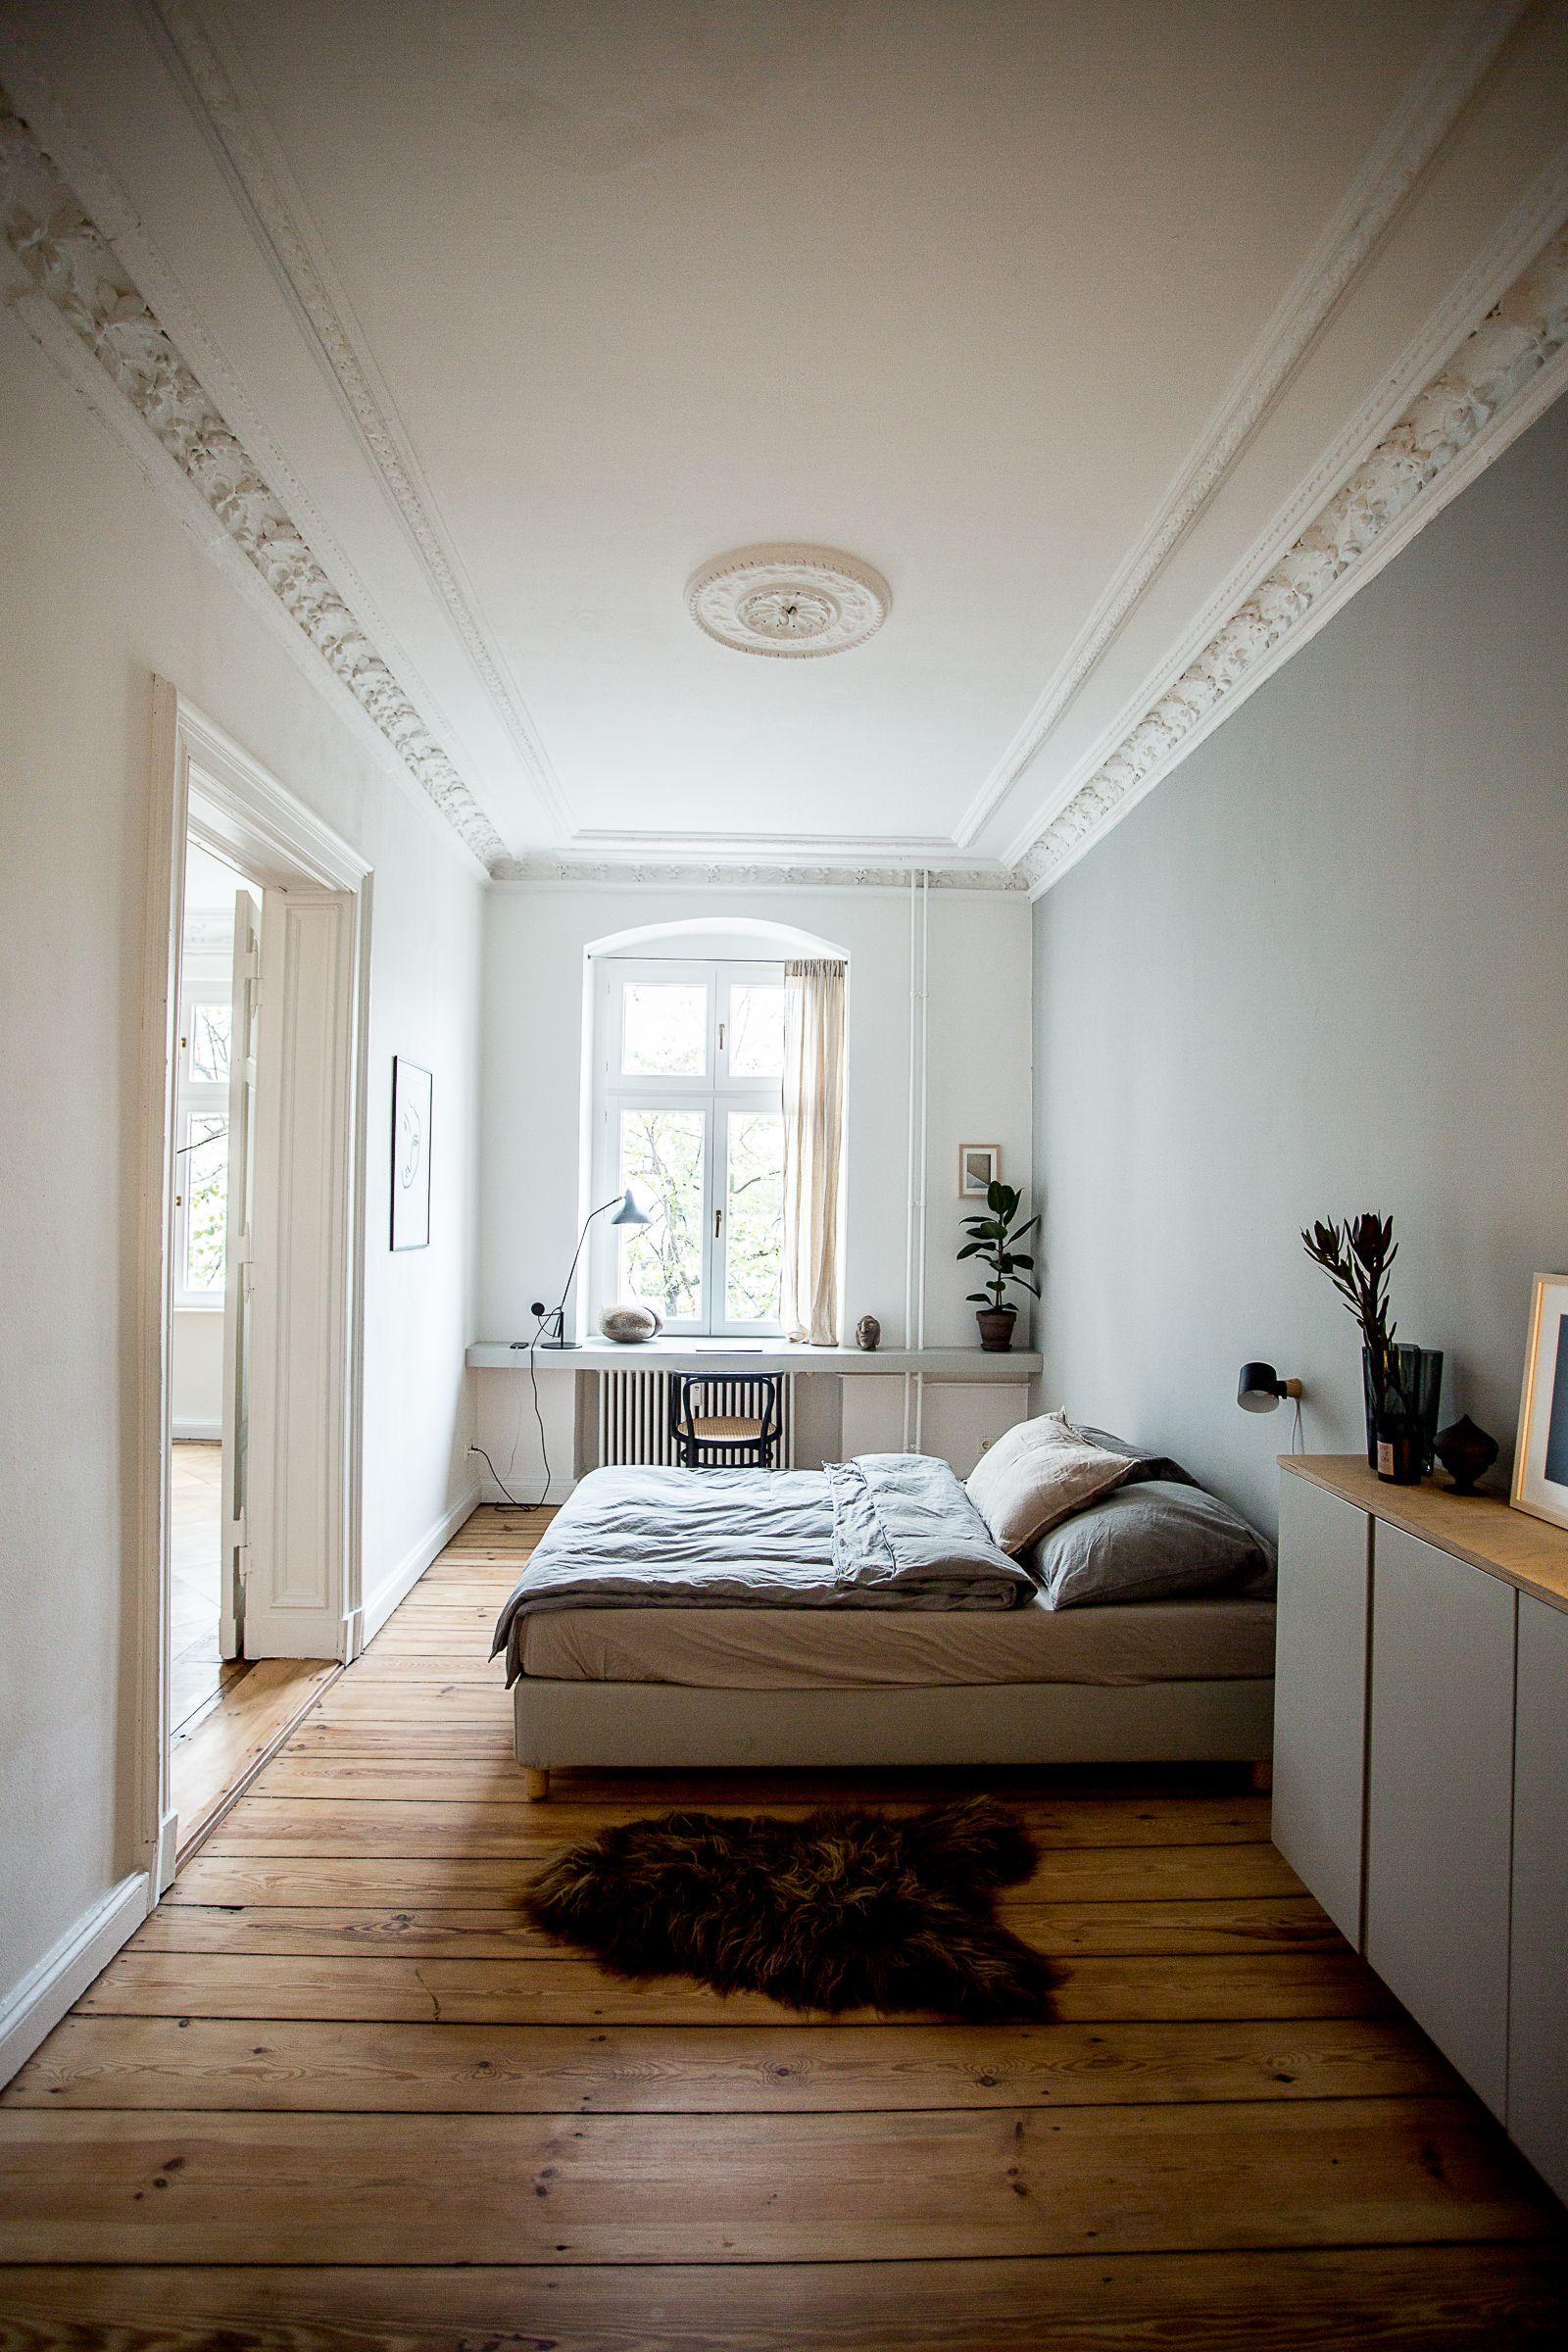 Wohnzimmer Farben Altbau Das Meiste Stilvoll Und Schon